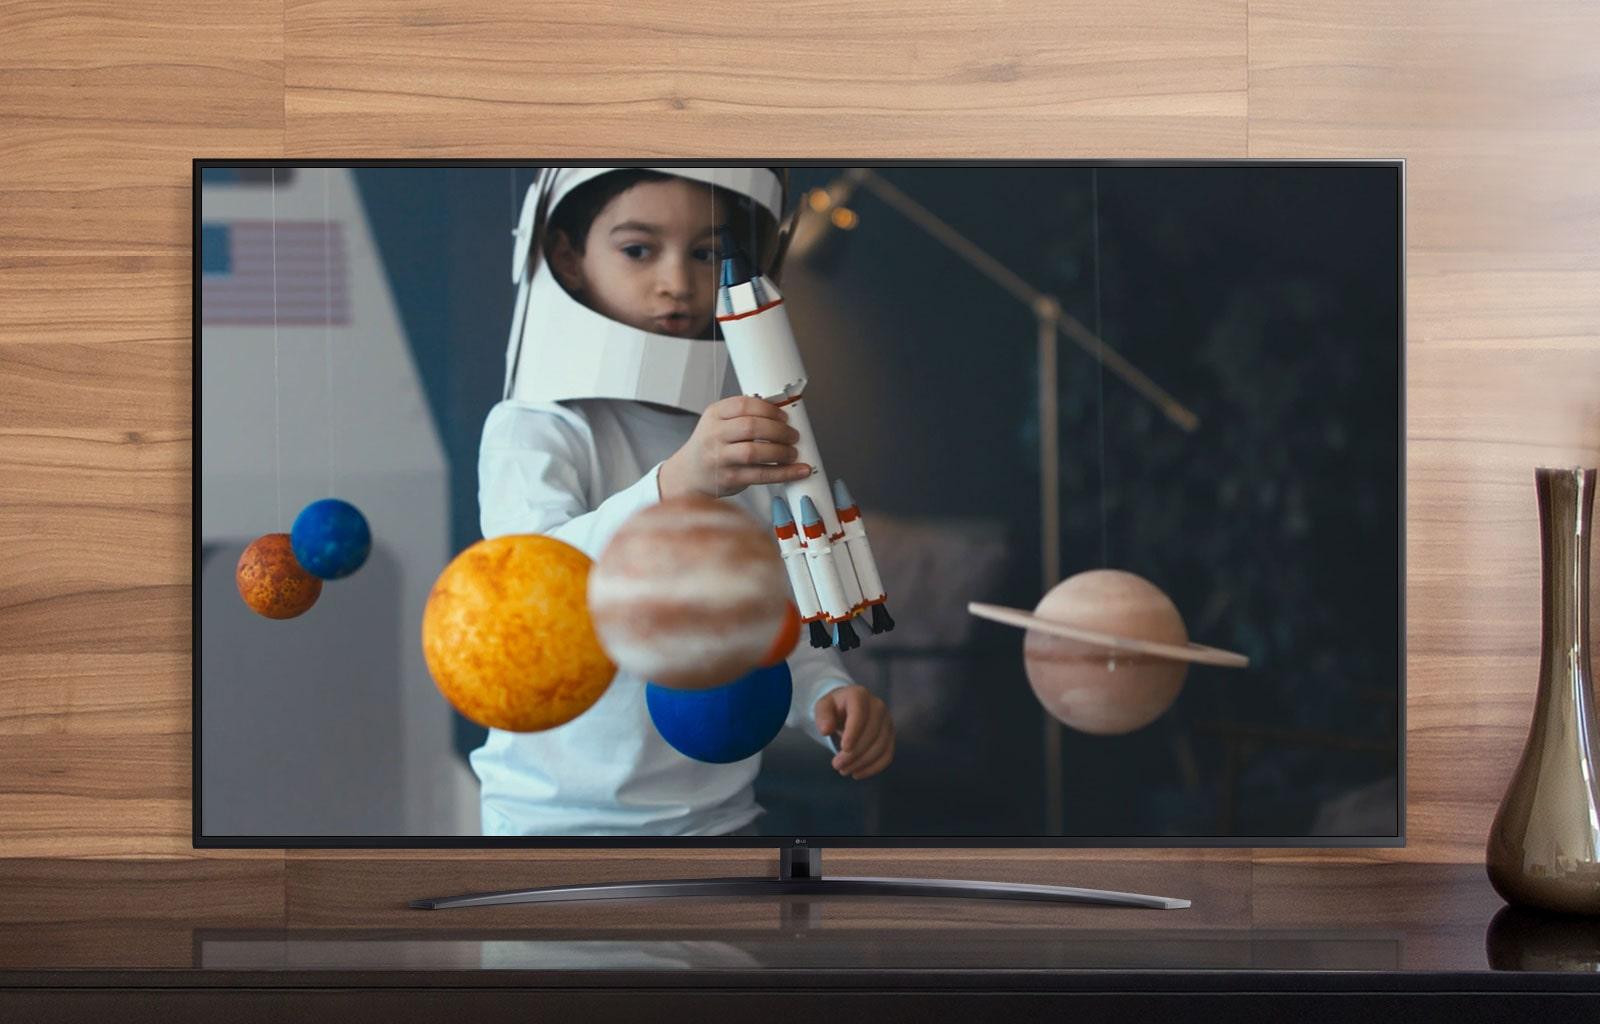 Экран телевизора с мальчиком в самодельном костюме космонавта, играющим с космическим кораблем в комнате, украшенной миниатюрами планет (просмотр видео)